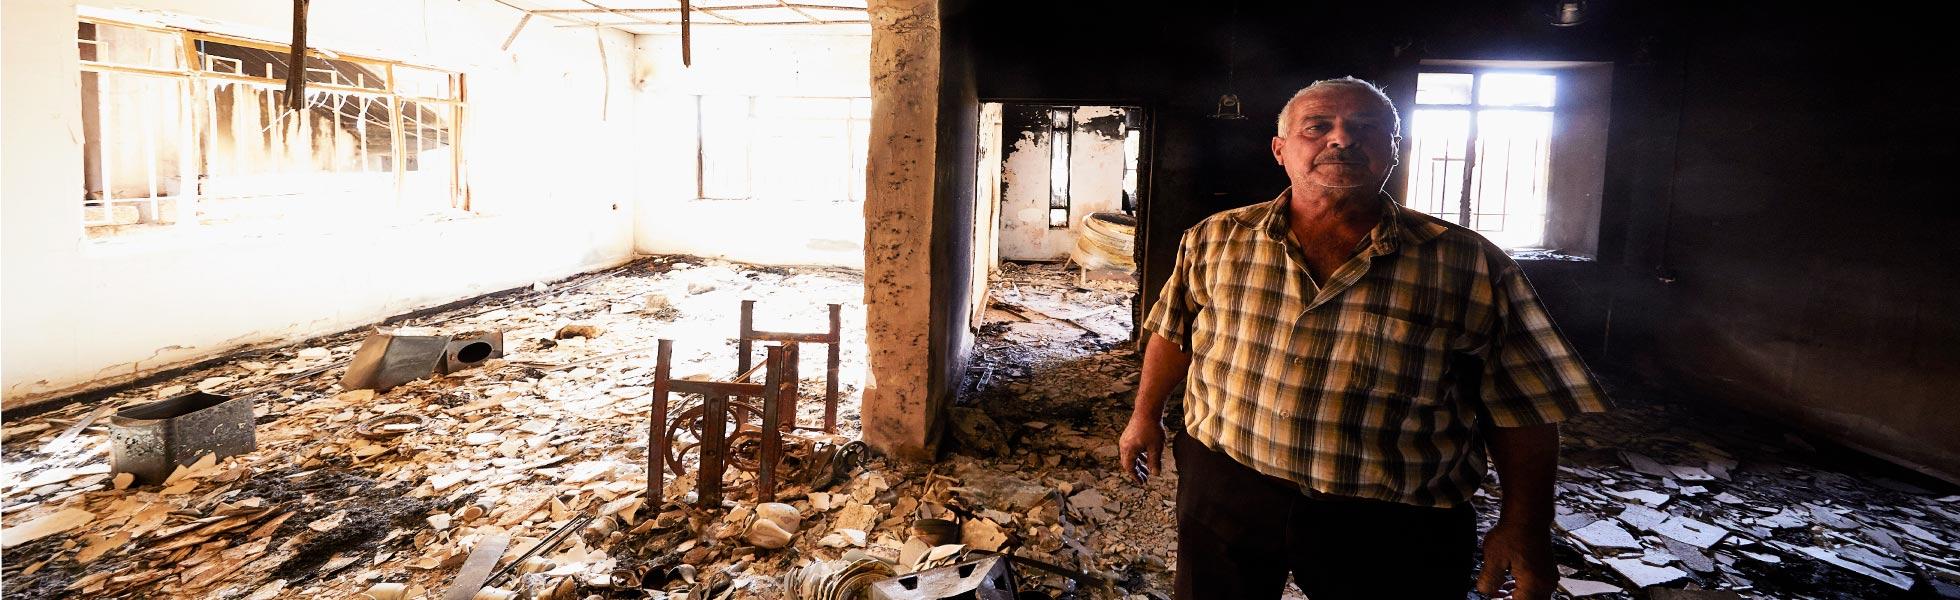 Iraq: los habitantes de Qaraqosh evalúan los daños causados por la ocupación – El EI utilizó una iglesia como campo de tiro